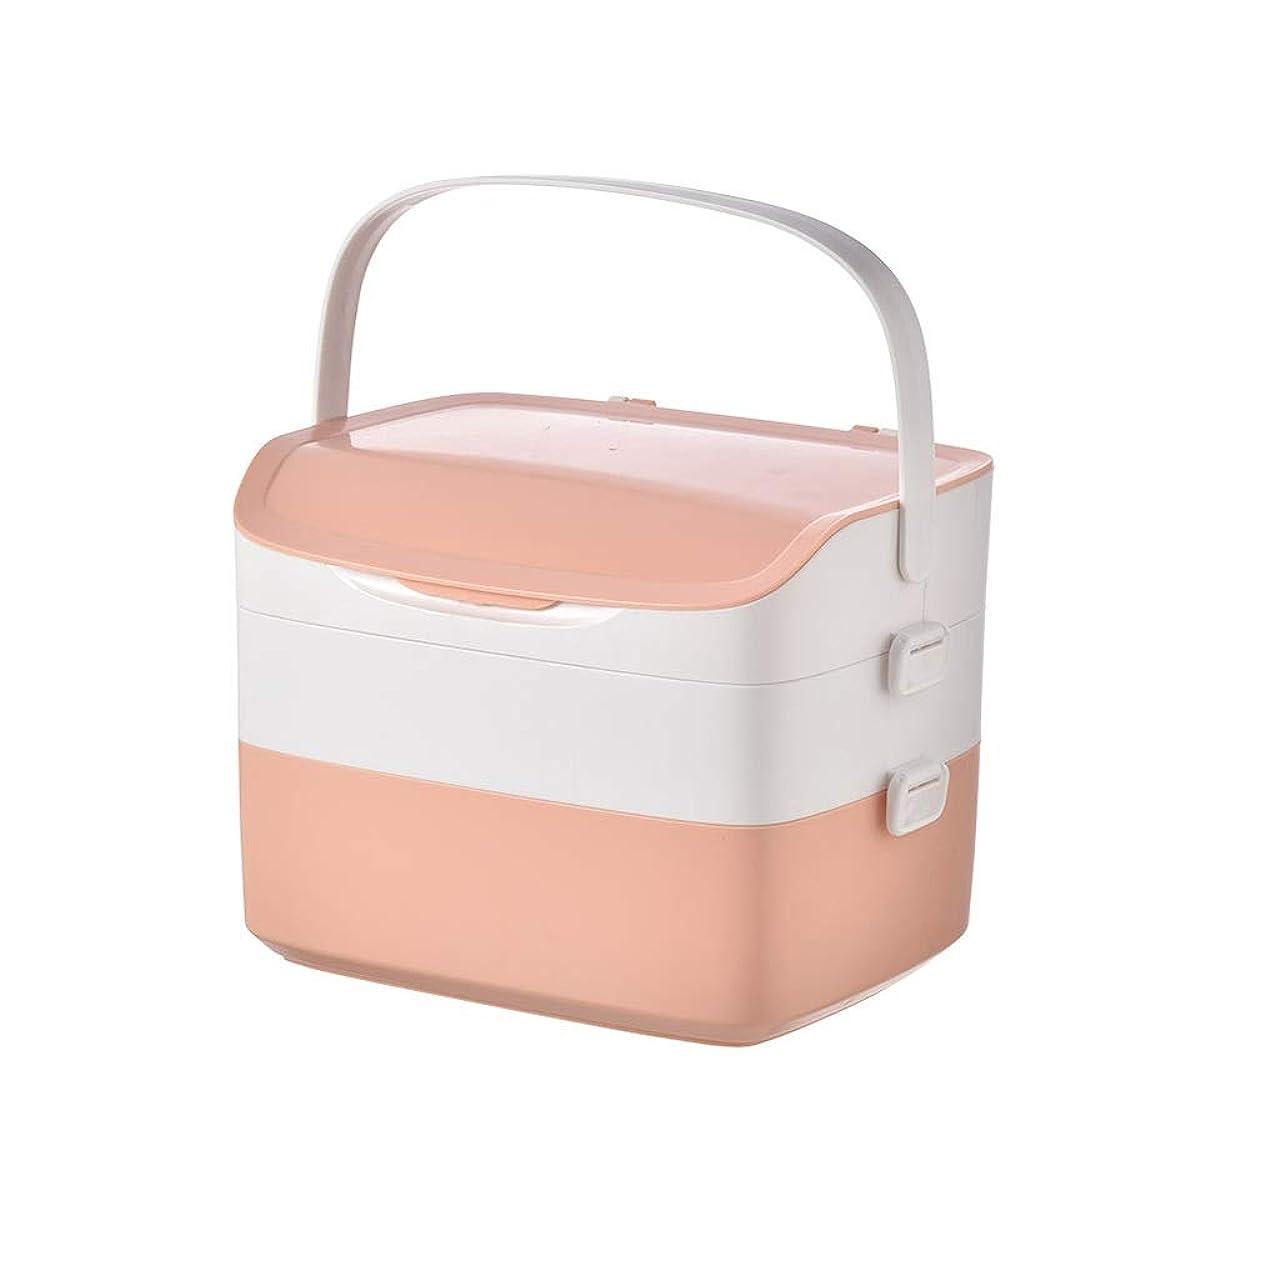 現在イチゴソースLWBUKK 家庭用多層大容量医療用キット、家族用医薬品収納ボックス、家族用救急箱 医療箱 (Color : Pink)